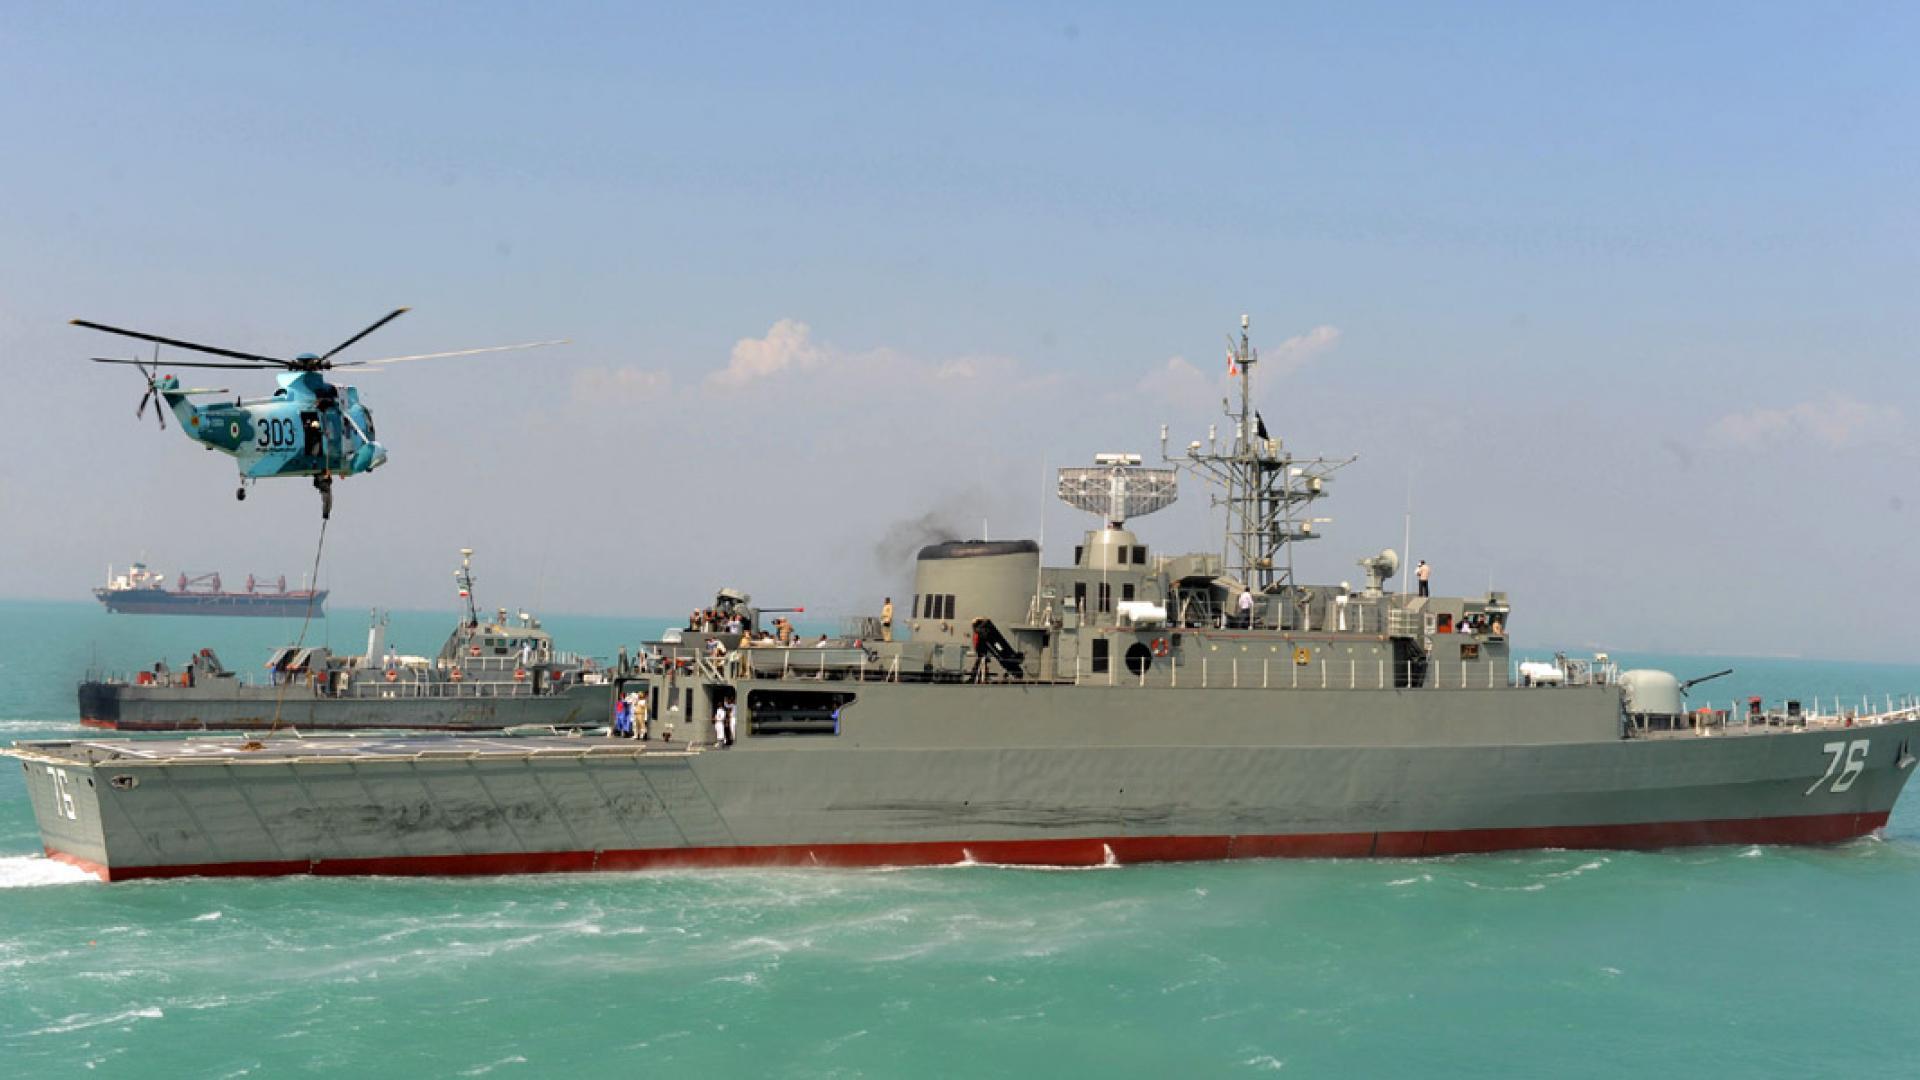 قائد البحرية الإيرانية: نراقب كل السفن الأمريكية في منطقة الخليج